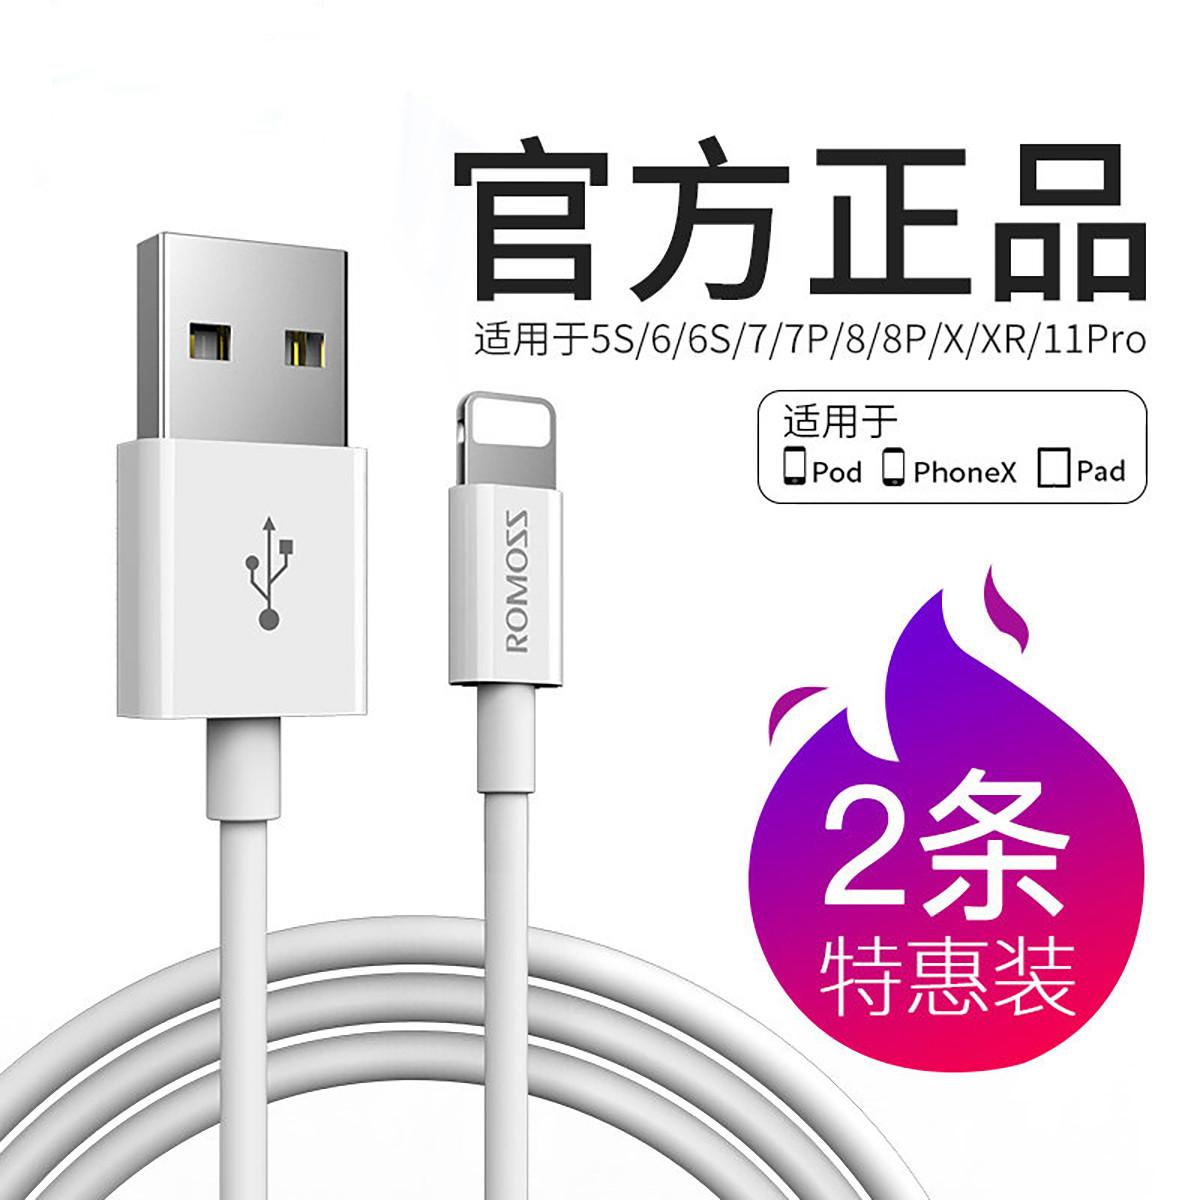 罗马仕iPhone6s苹果数据线 iphone6/7/8 ipad快充手机通用充电线